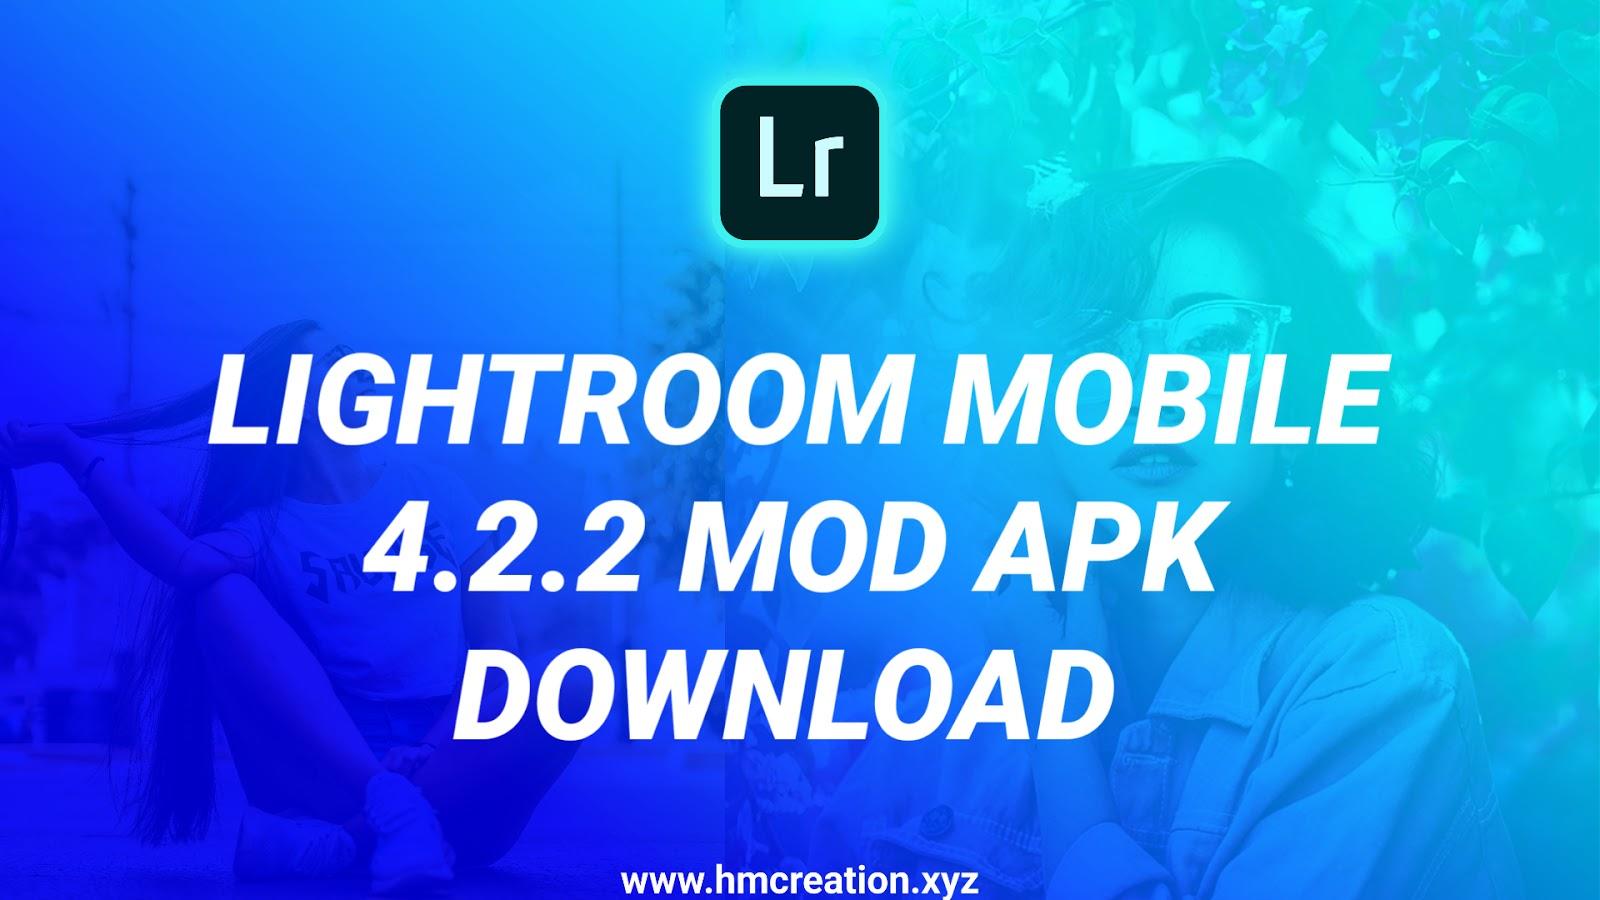 Lightroom mod apk download | Download Adobe Lightroom CC MOD APK v4